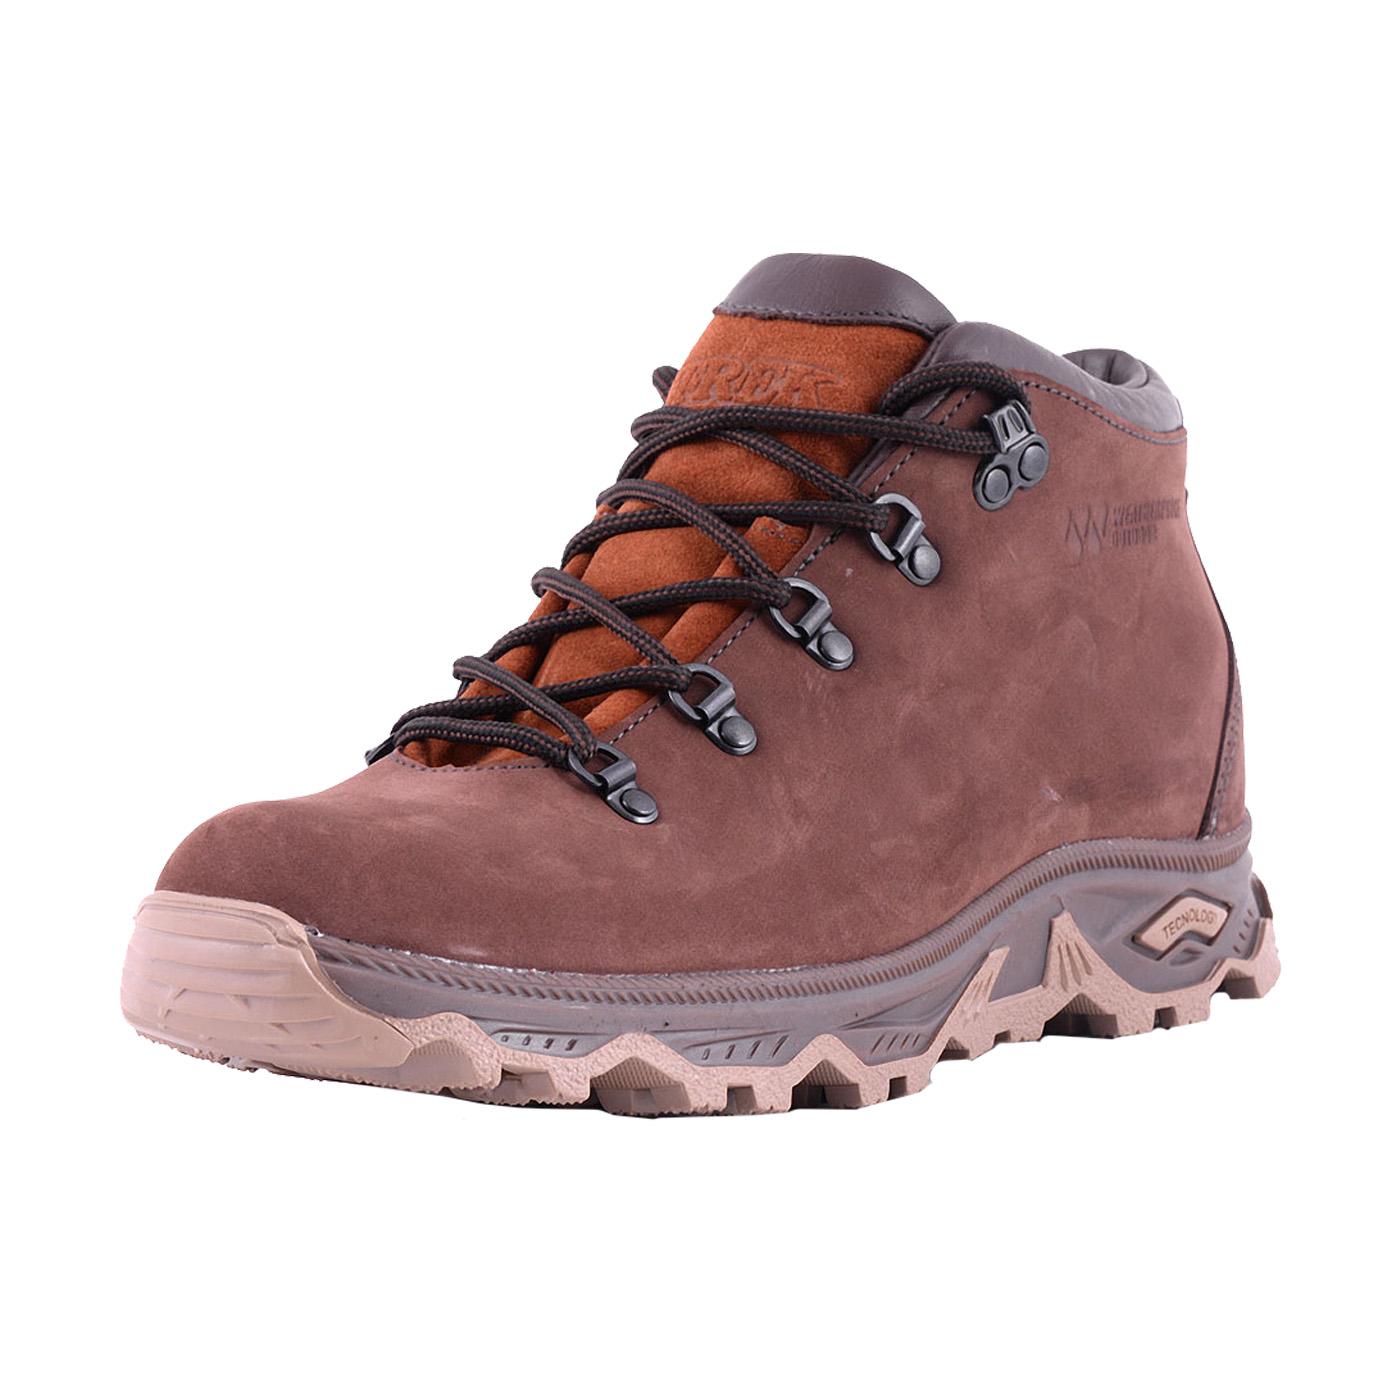 Купить Ботинки TREK Andes6 (шерст.мех), Обувная фабрика Trek